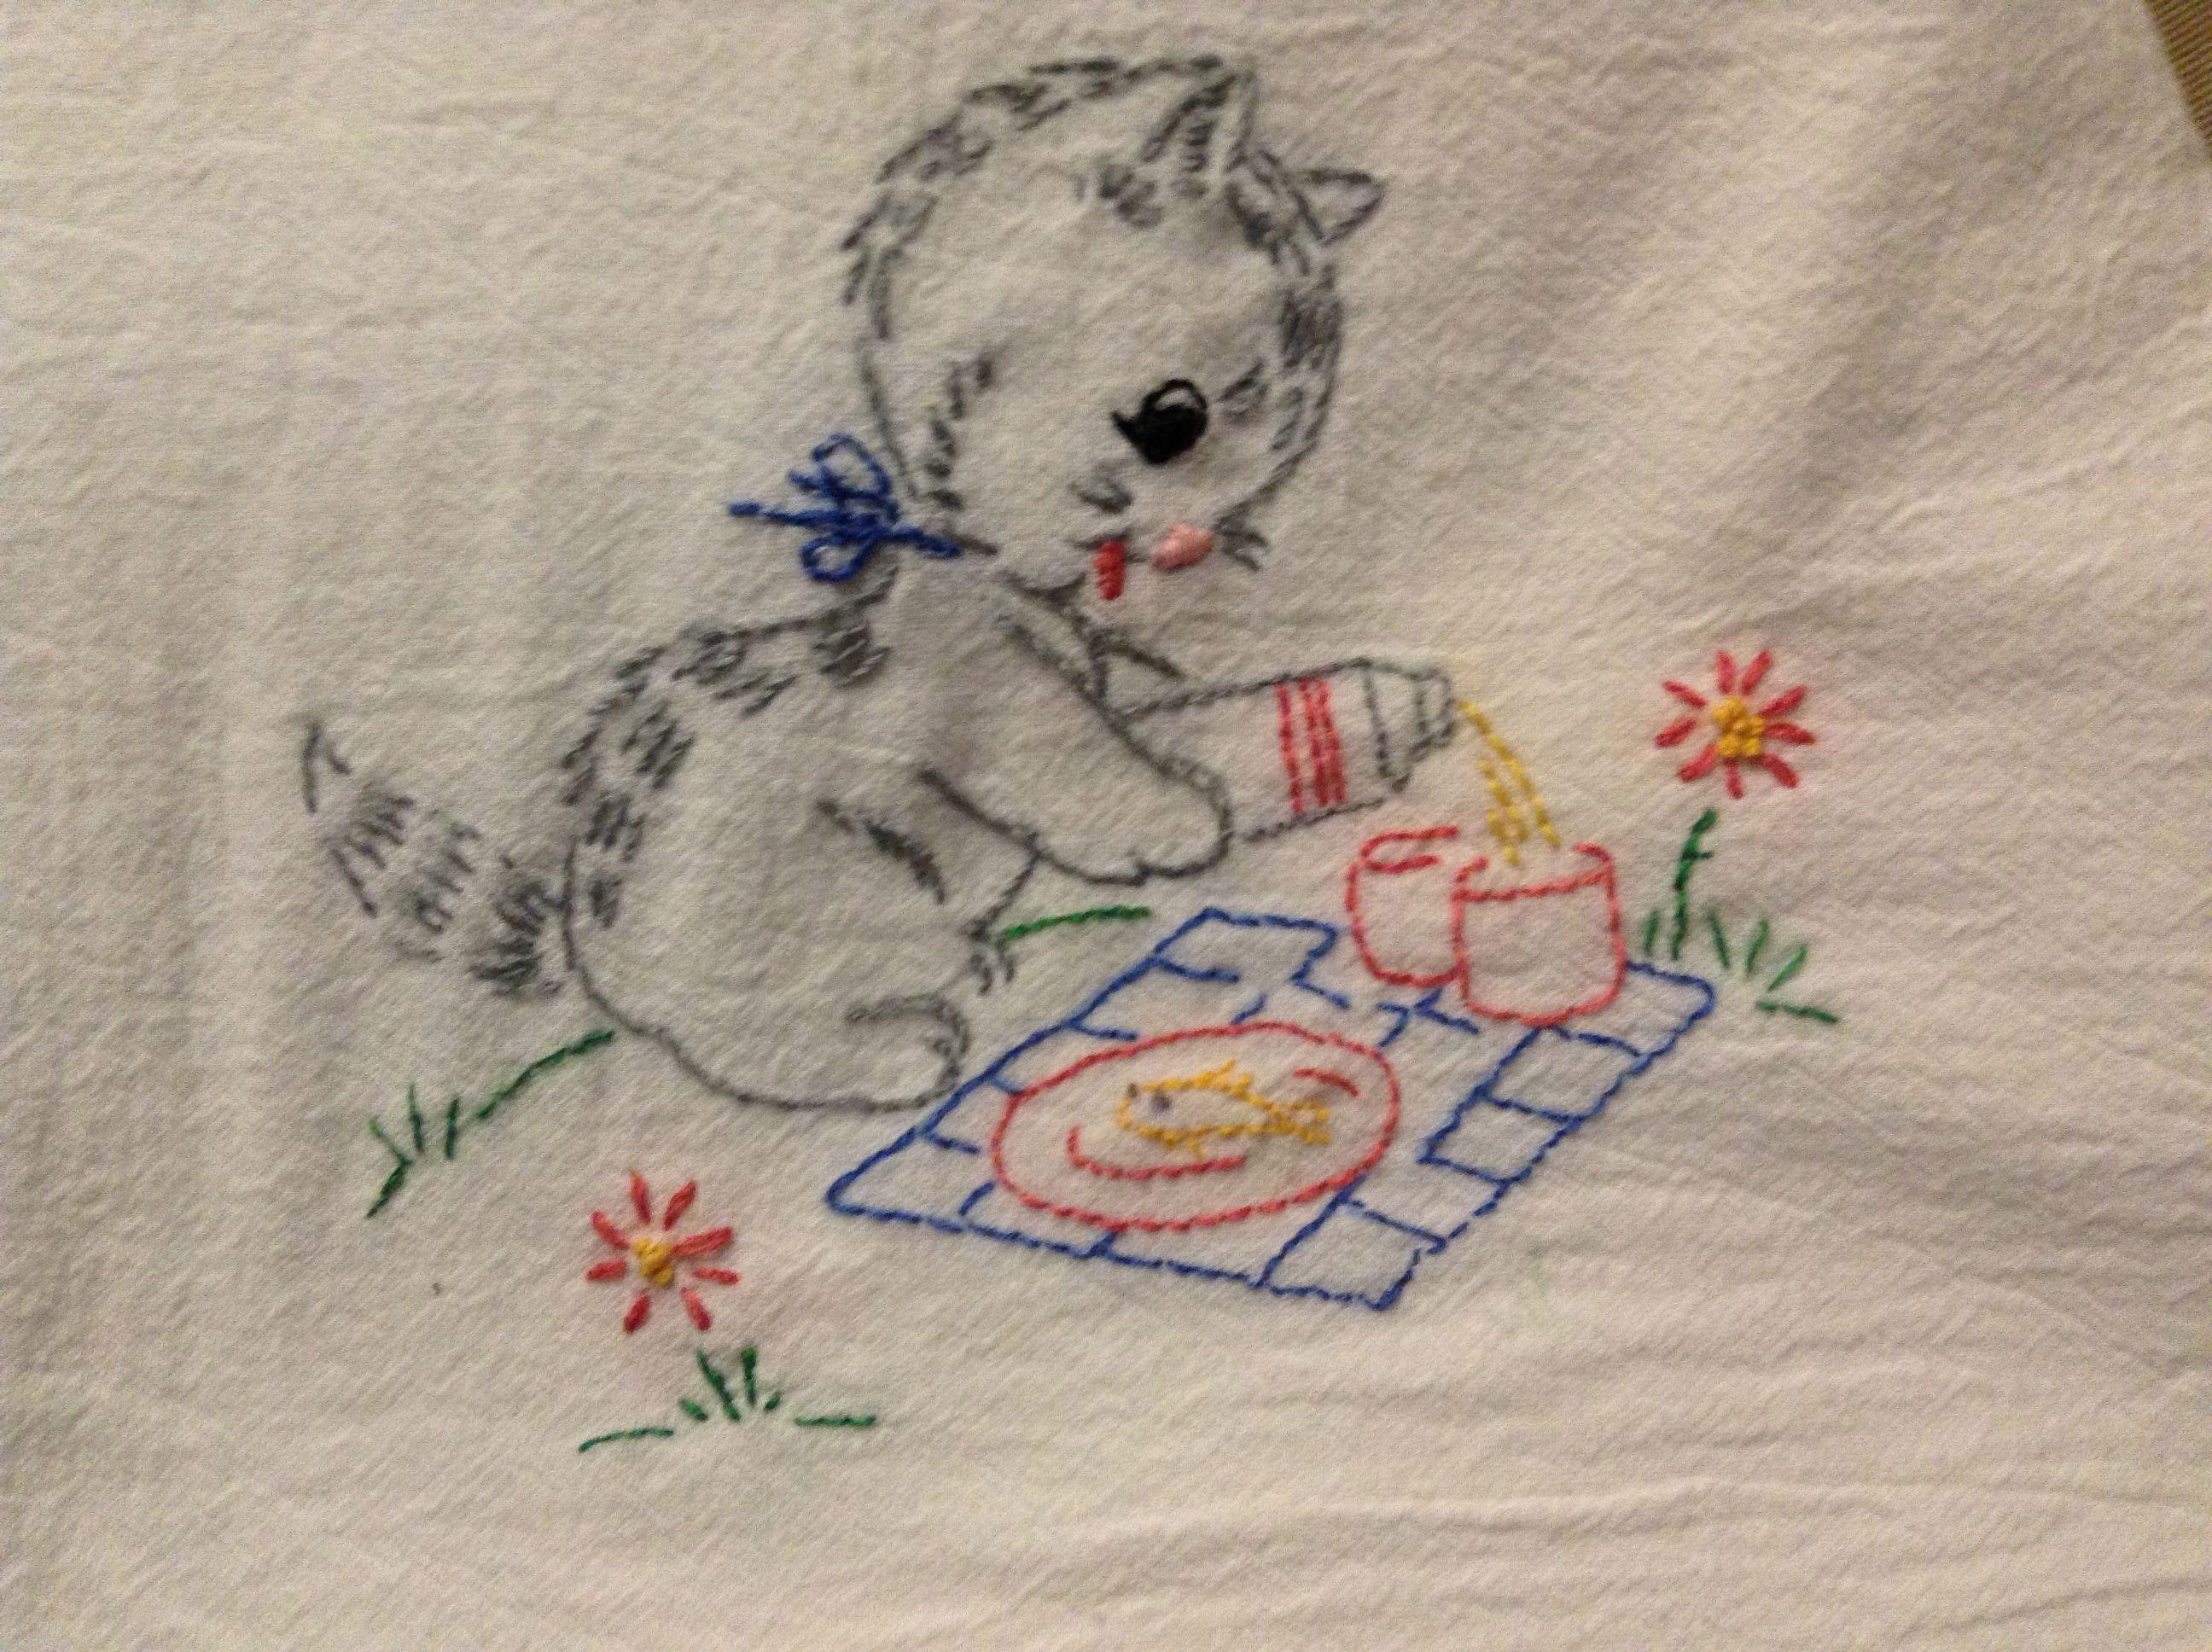 Pin von Sally Warwick auf Embroidery: Kittens | Pinterest